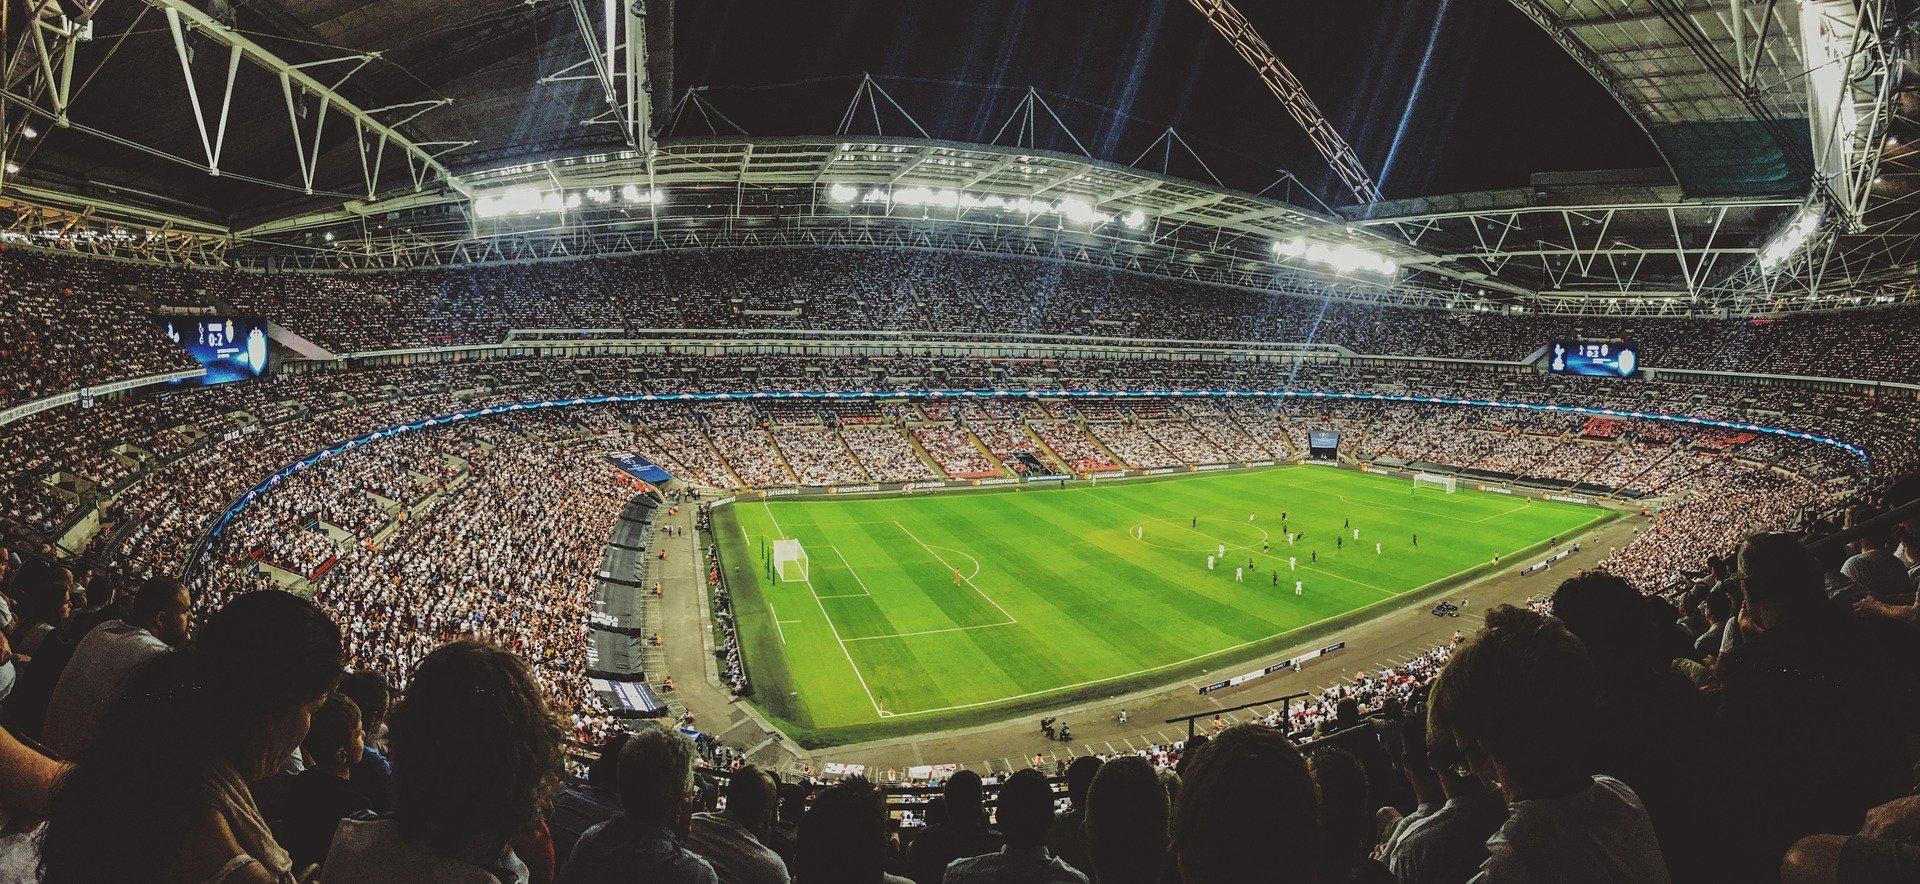 România joacă meciul cu Armenia cu spectatori